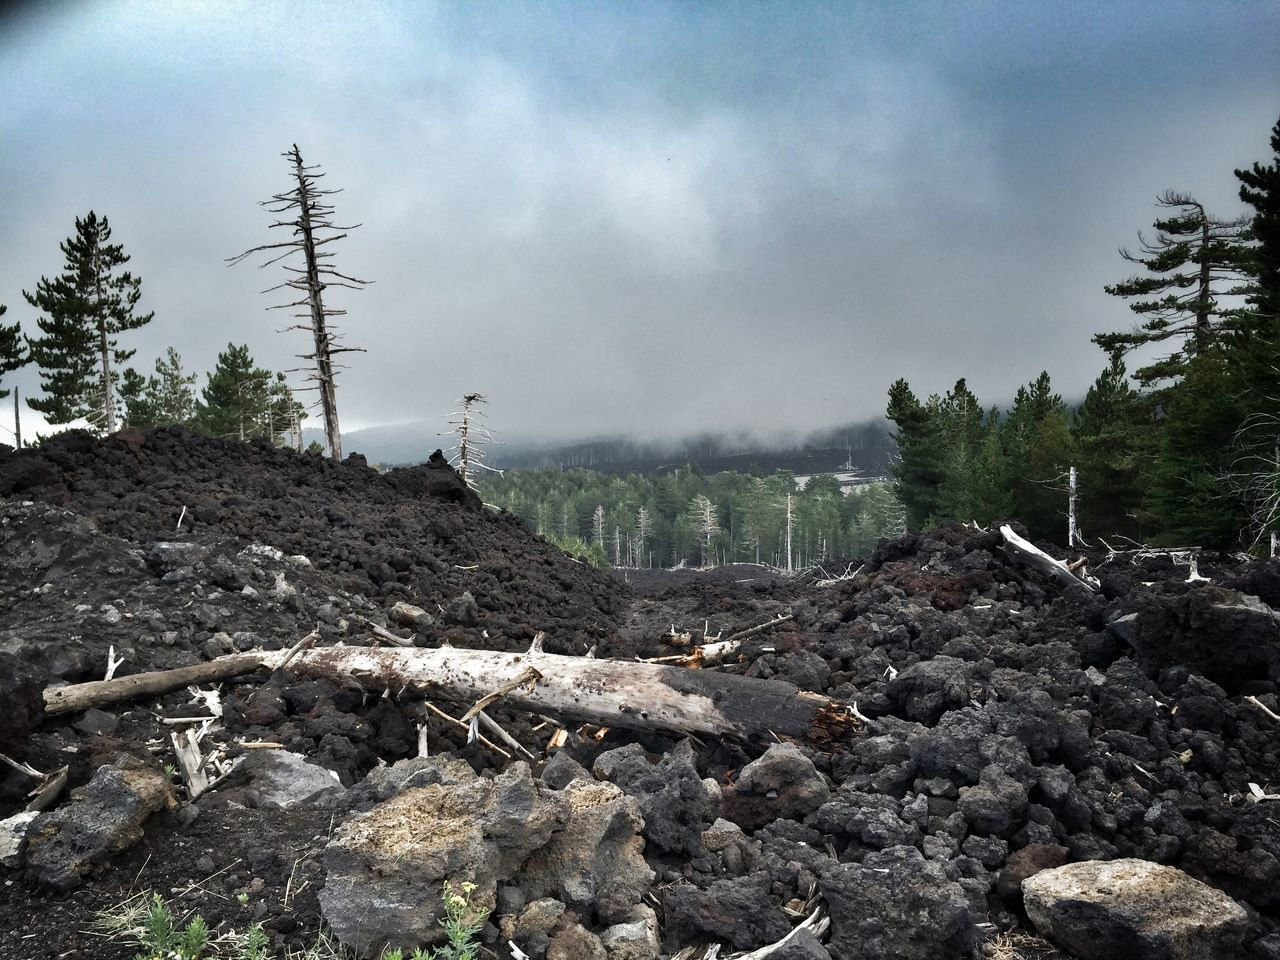 Dead Tree Logs On Rock Heap Against Cloudy Sky